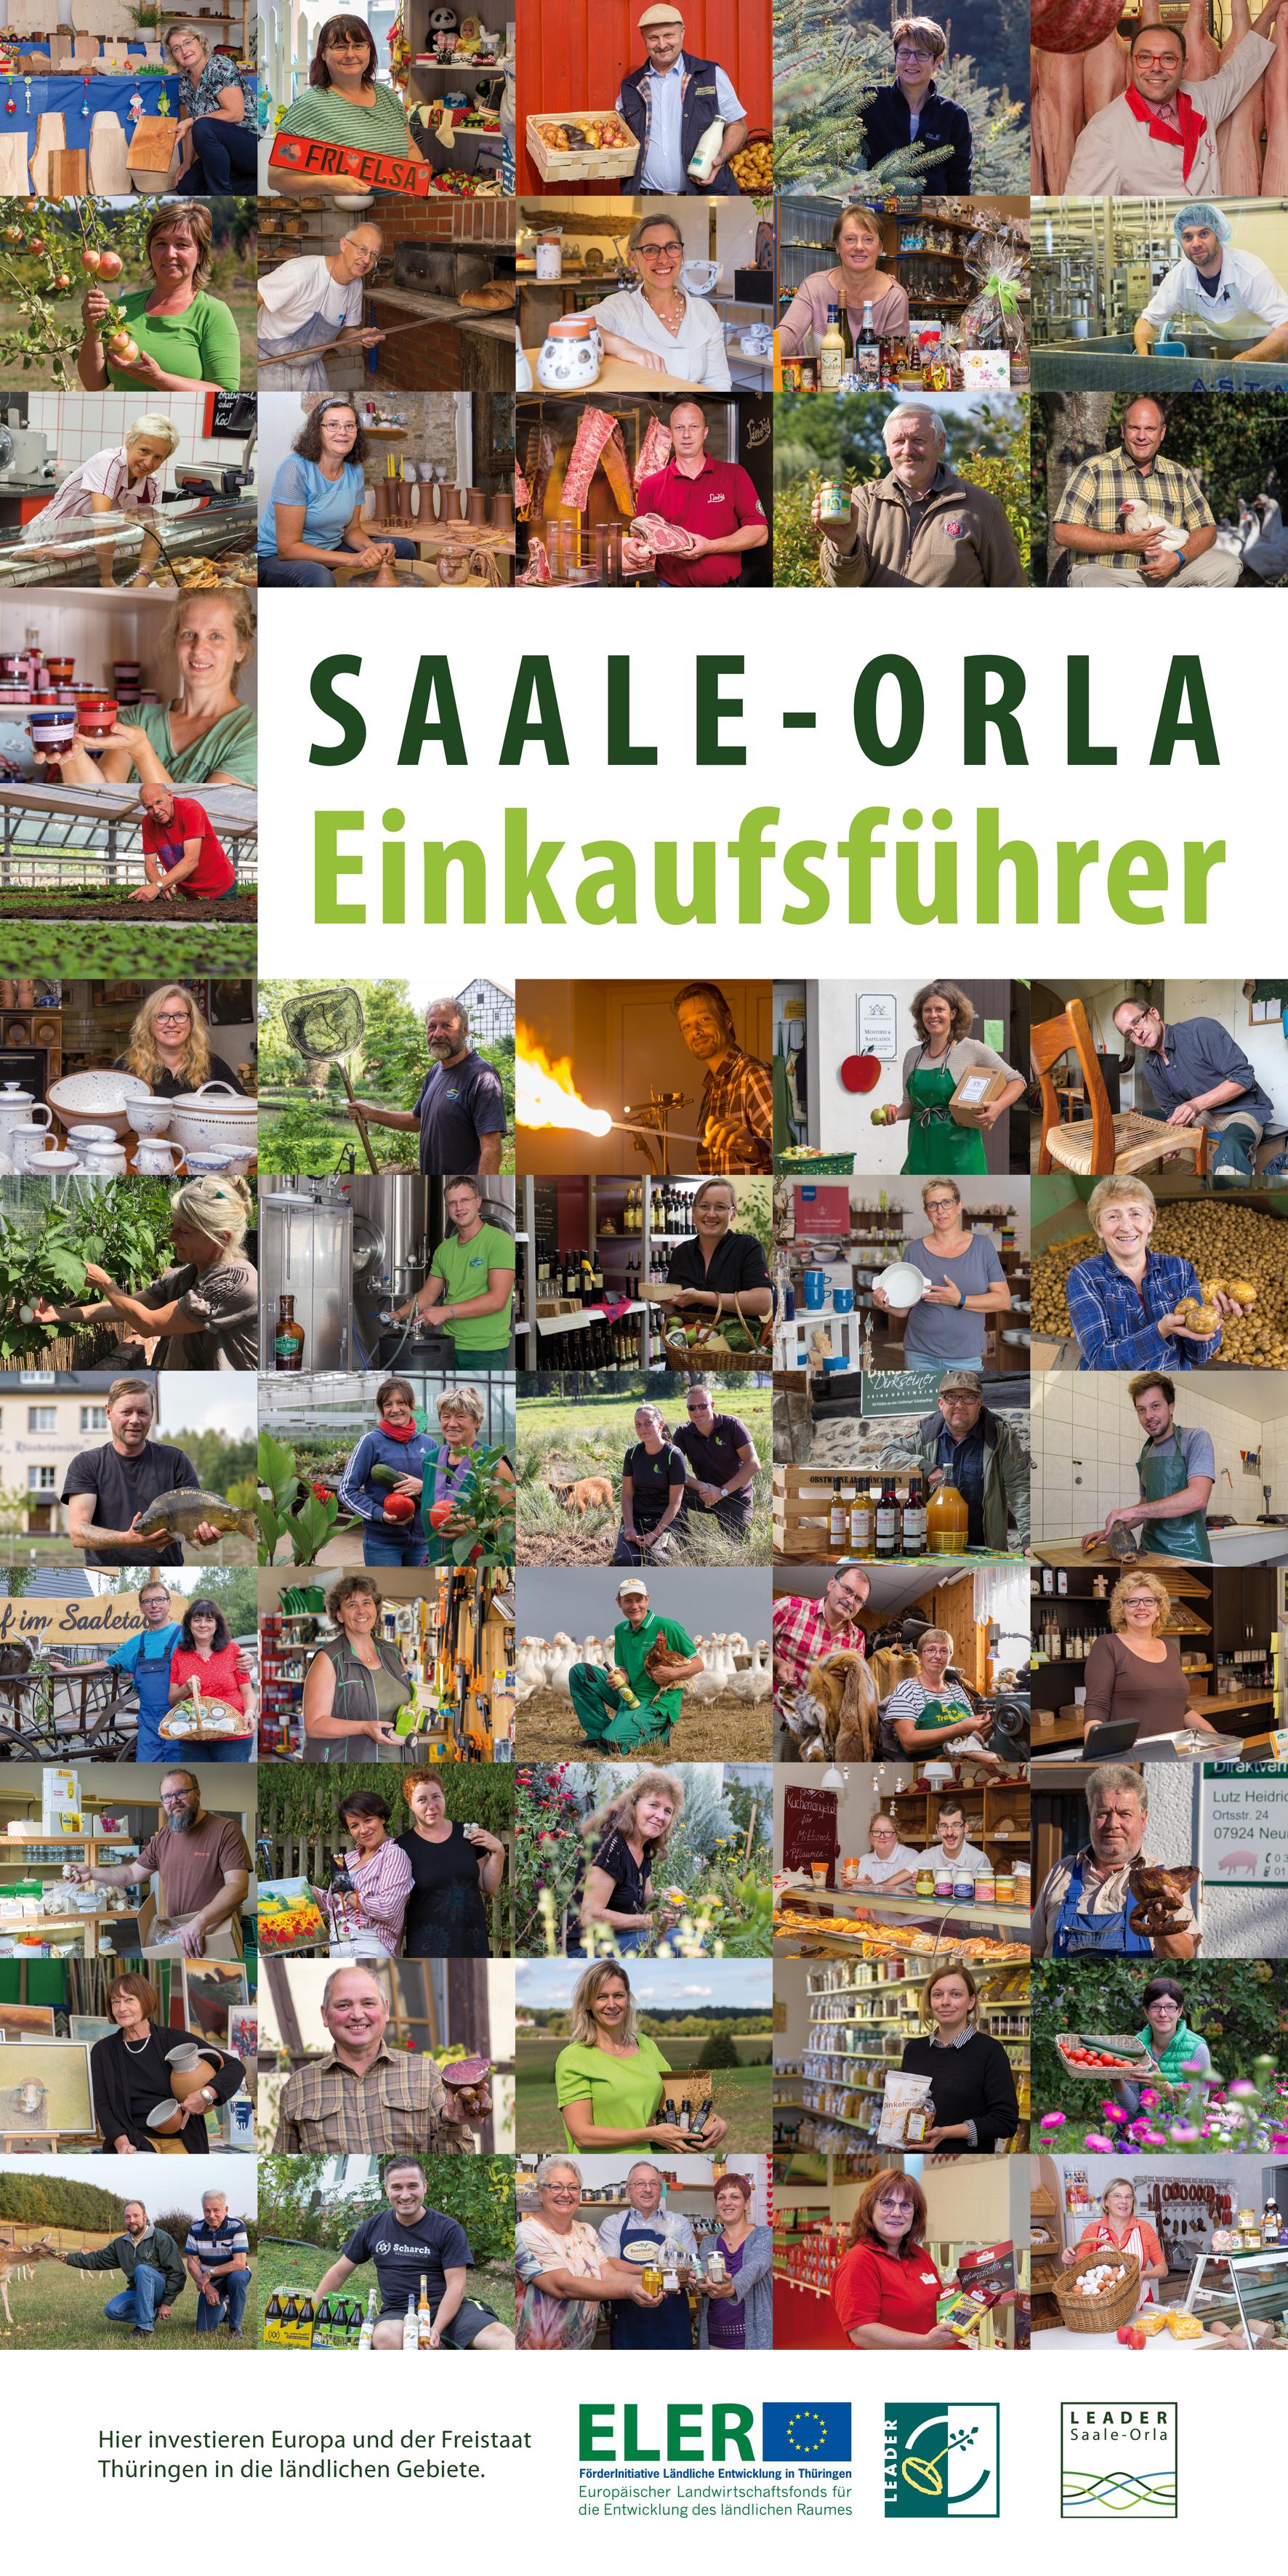 Einkaufsführer Titelbild (Anke Heelemann)